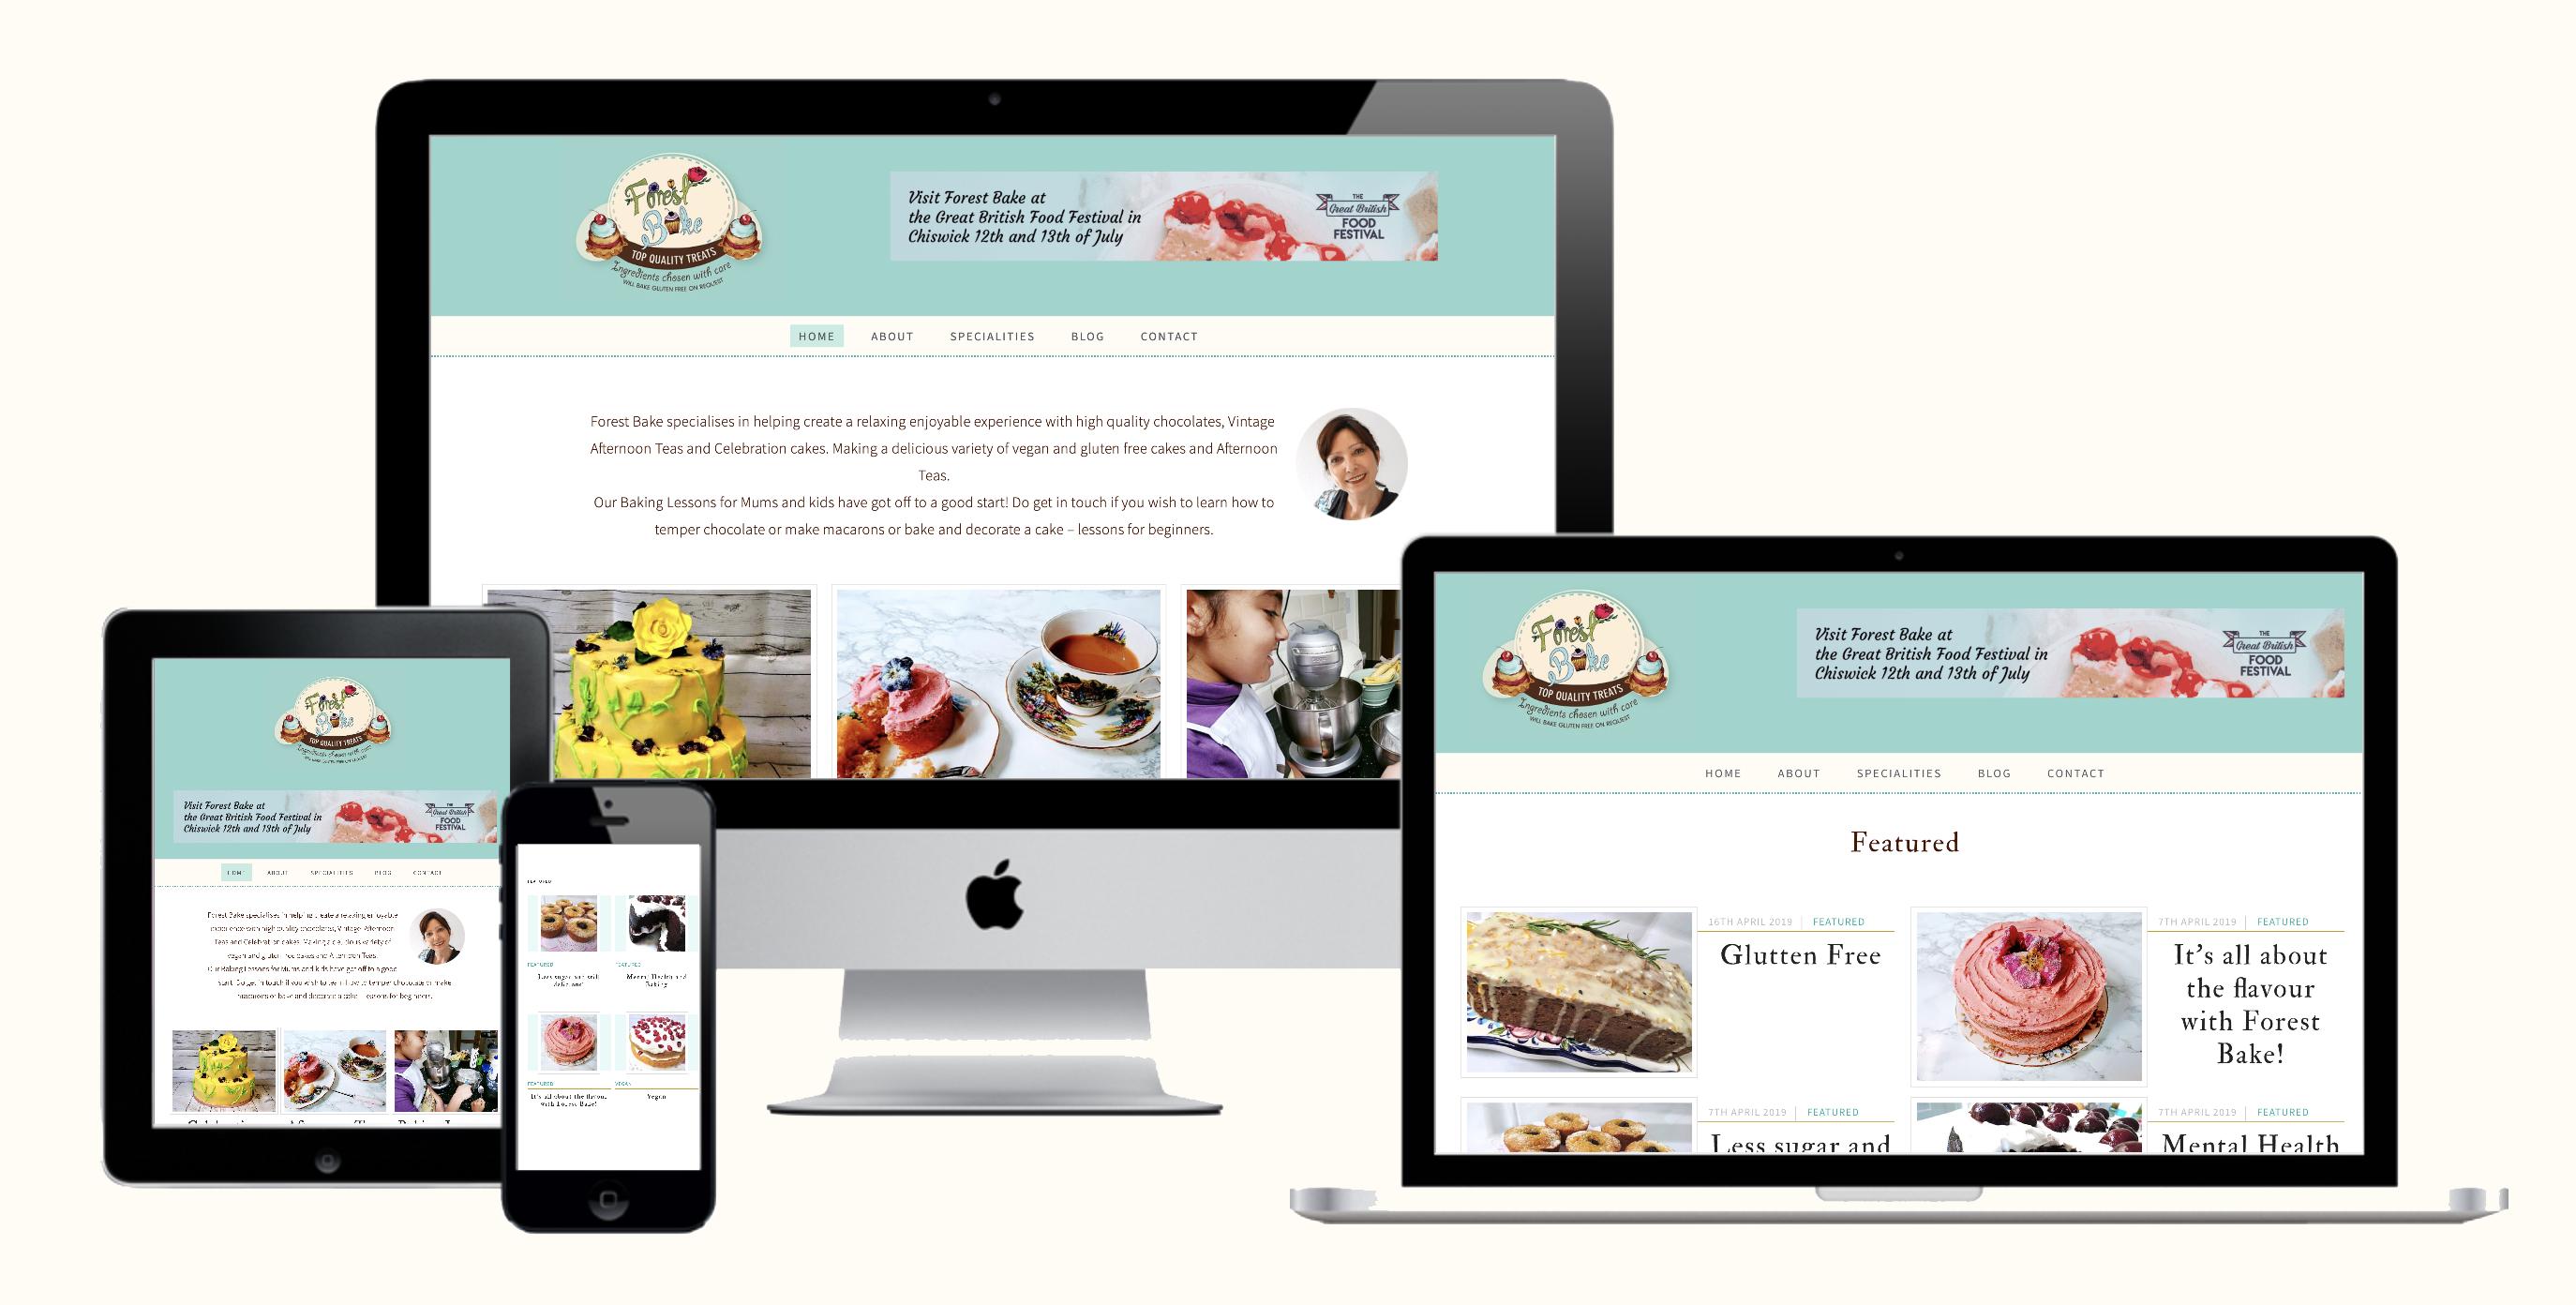 Forest Bake Website Redesign